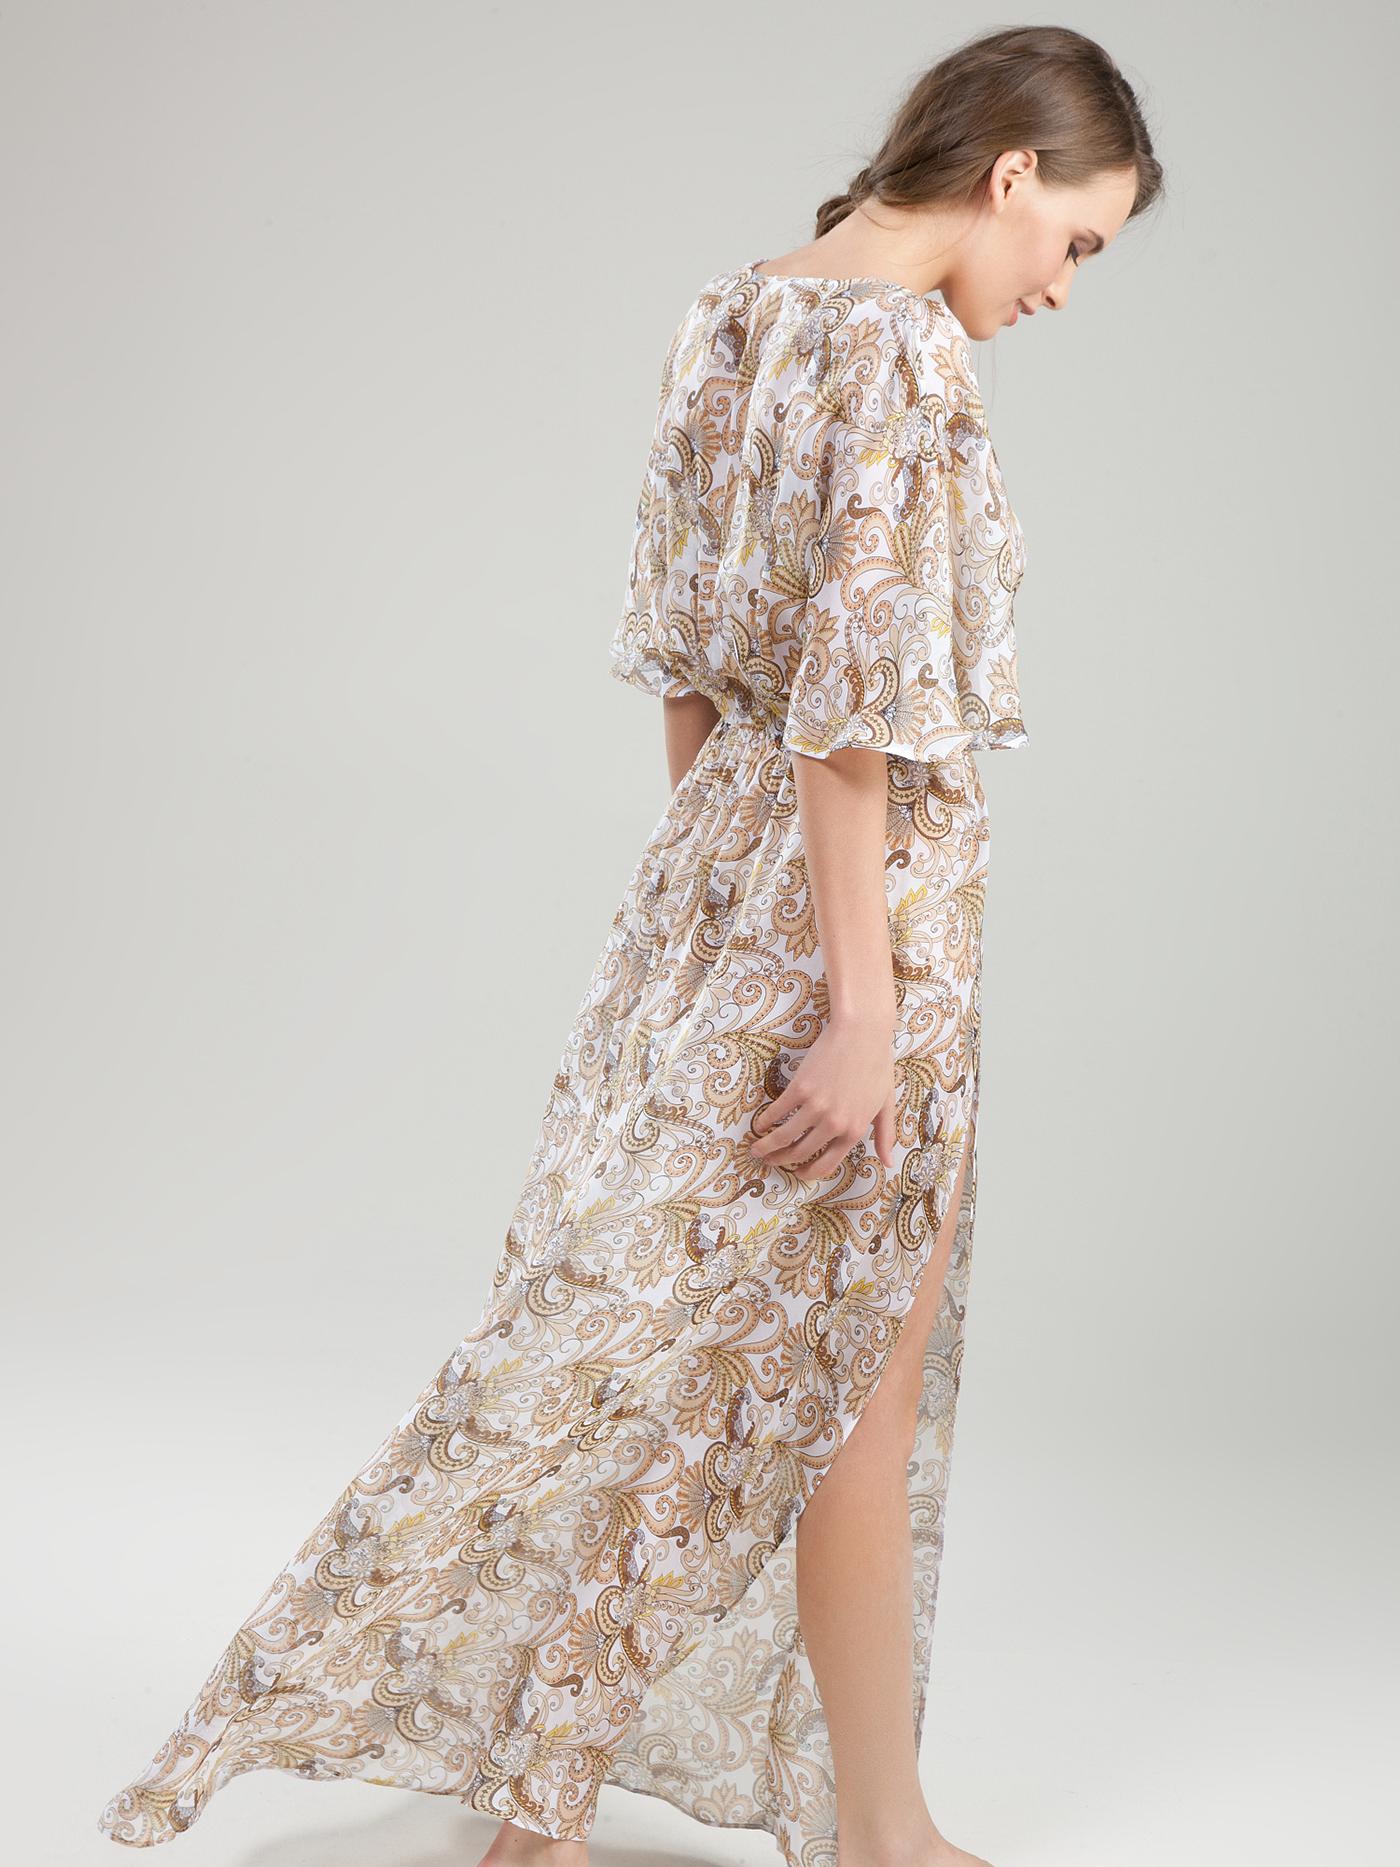 Платье croisette blue romance beachБюстье<br>платье<br><br>Цвет: Принт пейсли белый<br>Декор: Без декора<br>Стилистика: Без стилистики<br>Направление: Бюстье<br>Пол: Женский<br>Материал: 100% ШЕЛК<br>Размер: 2